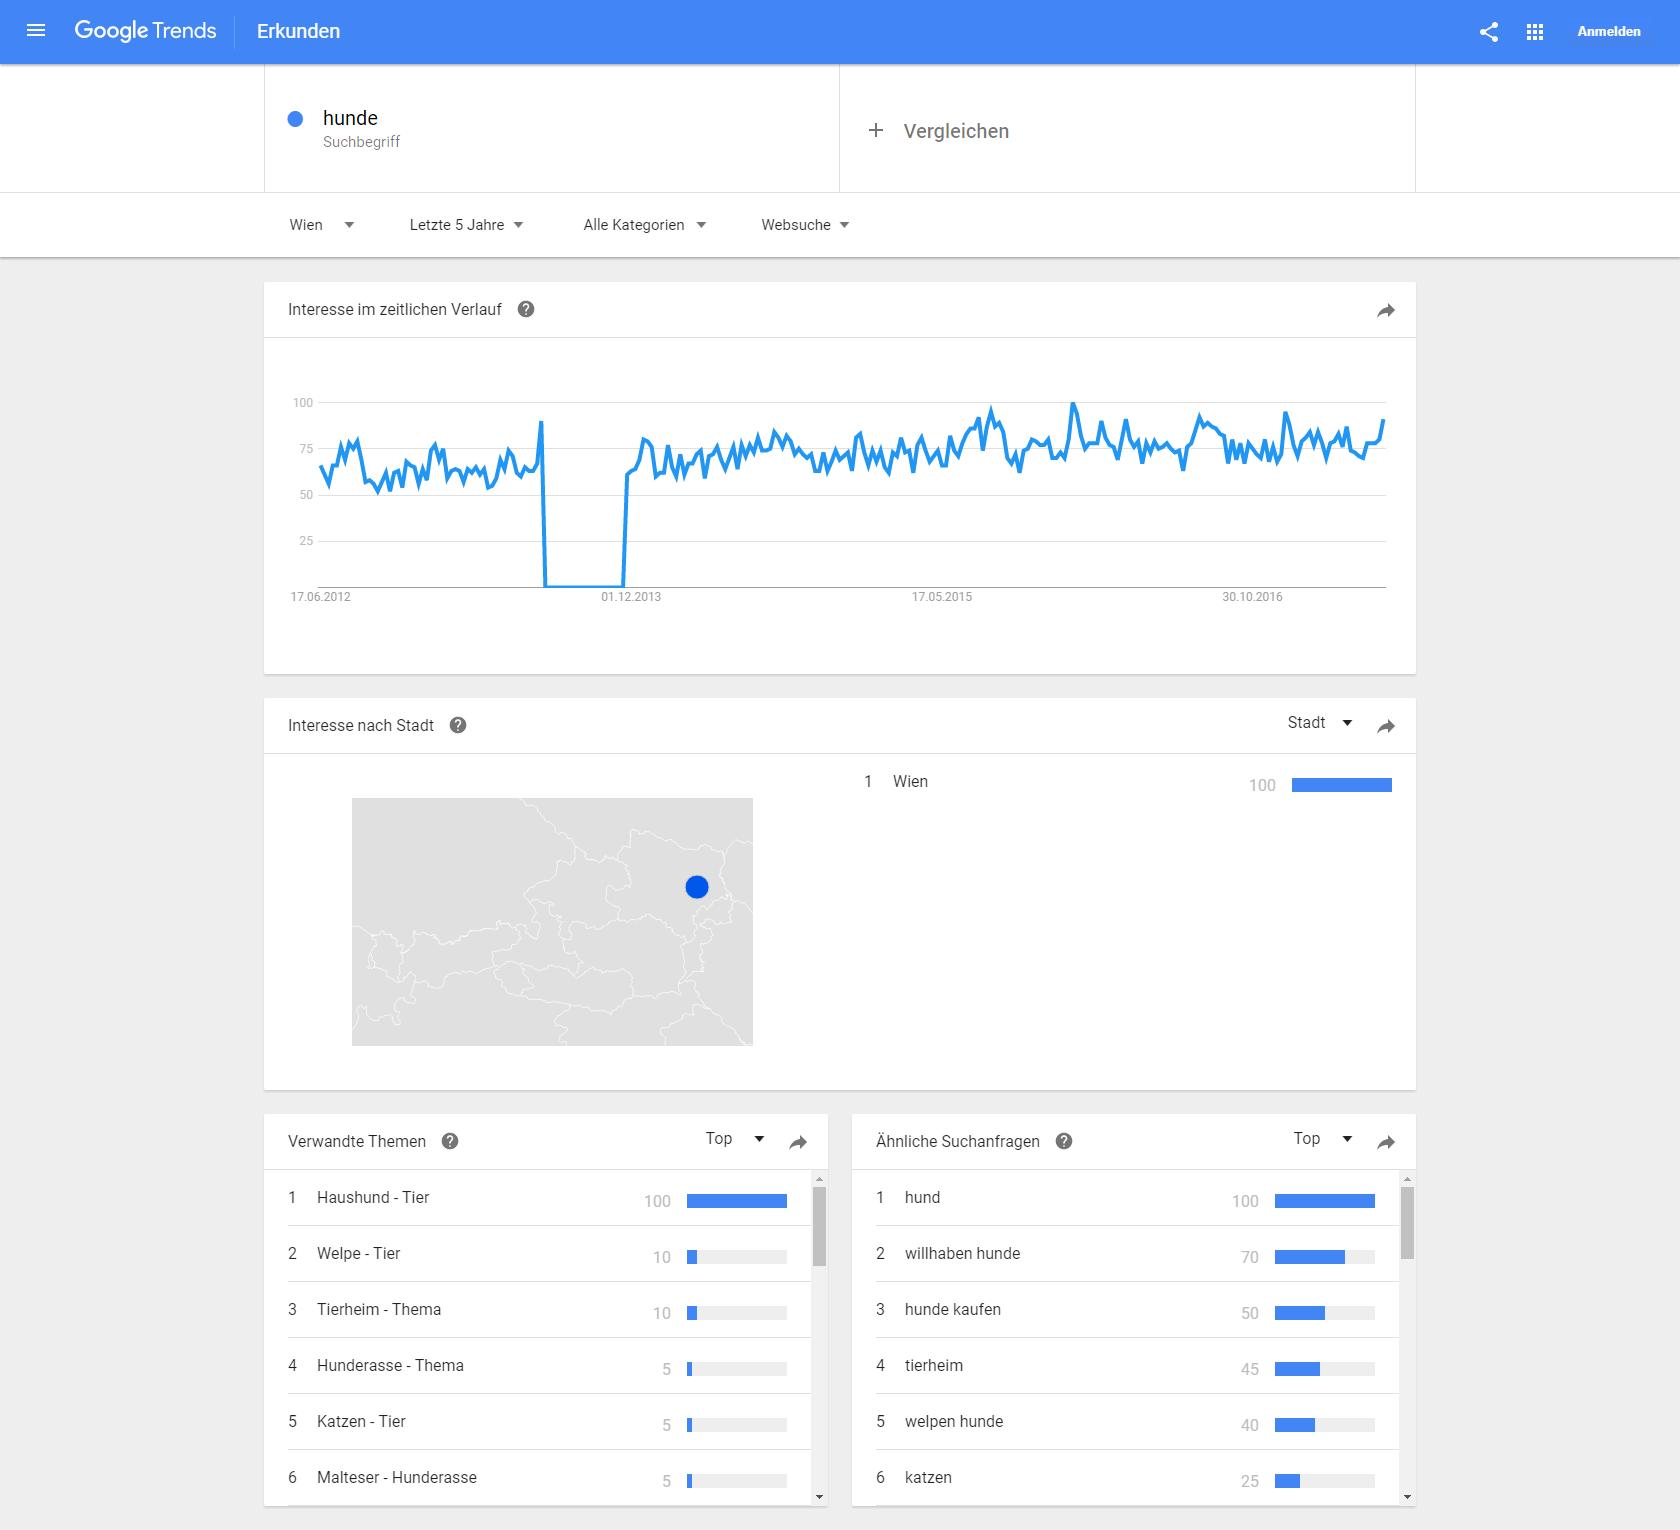 Charmant Suche Wird Mit Google Fortgesetzt Zeitgenössisch - Beispiel ...